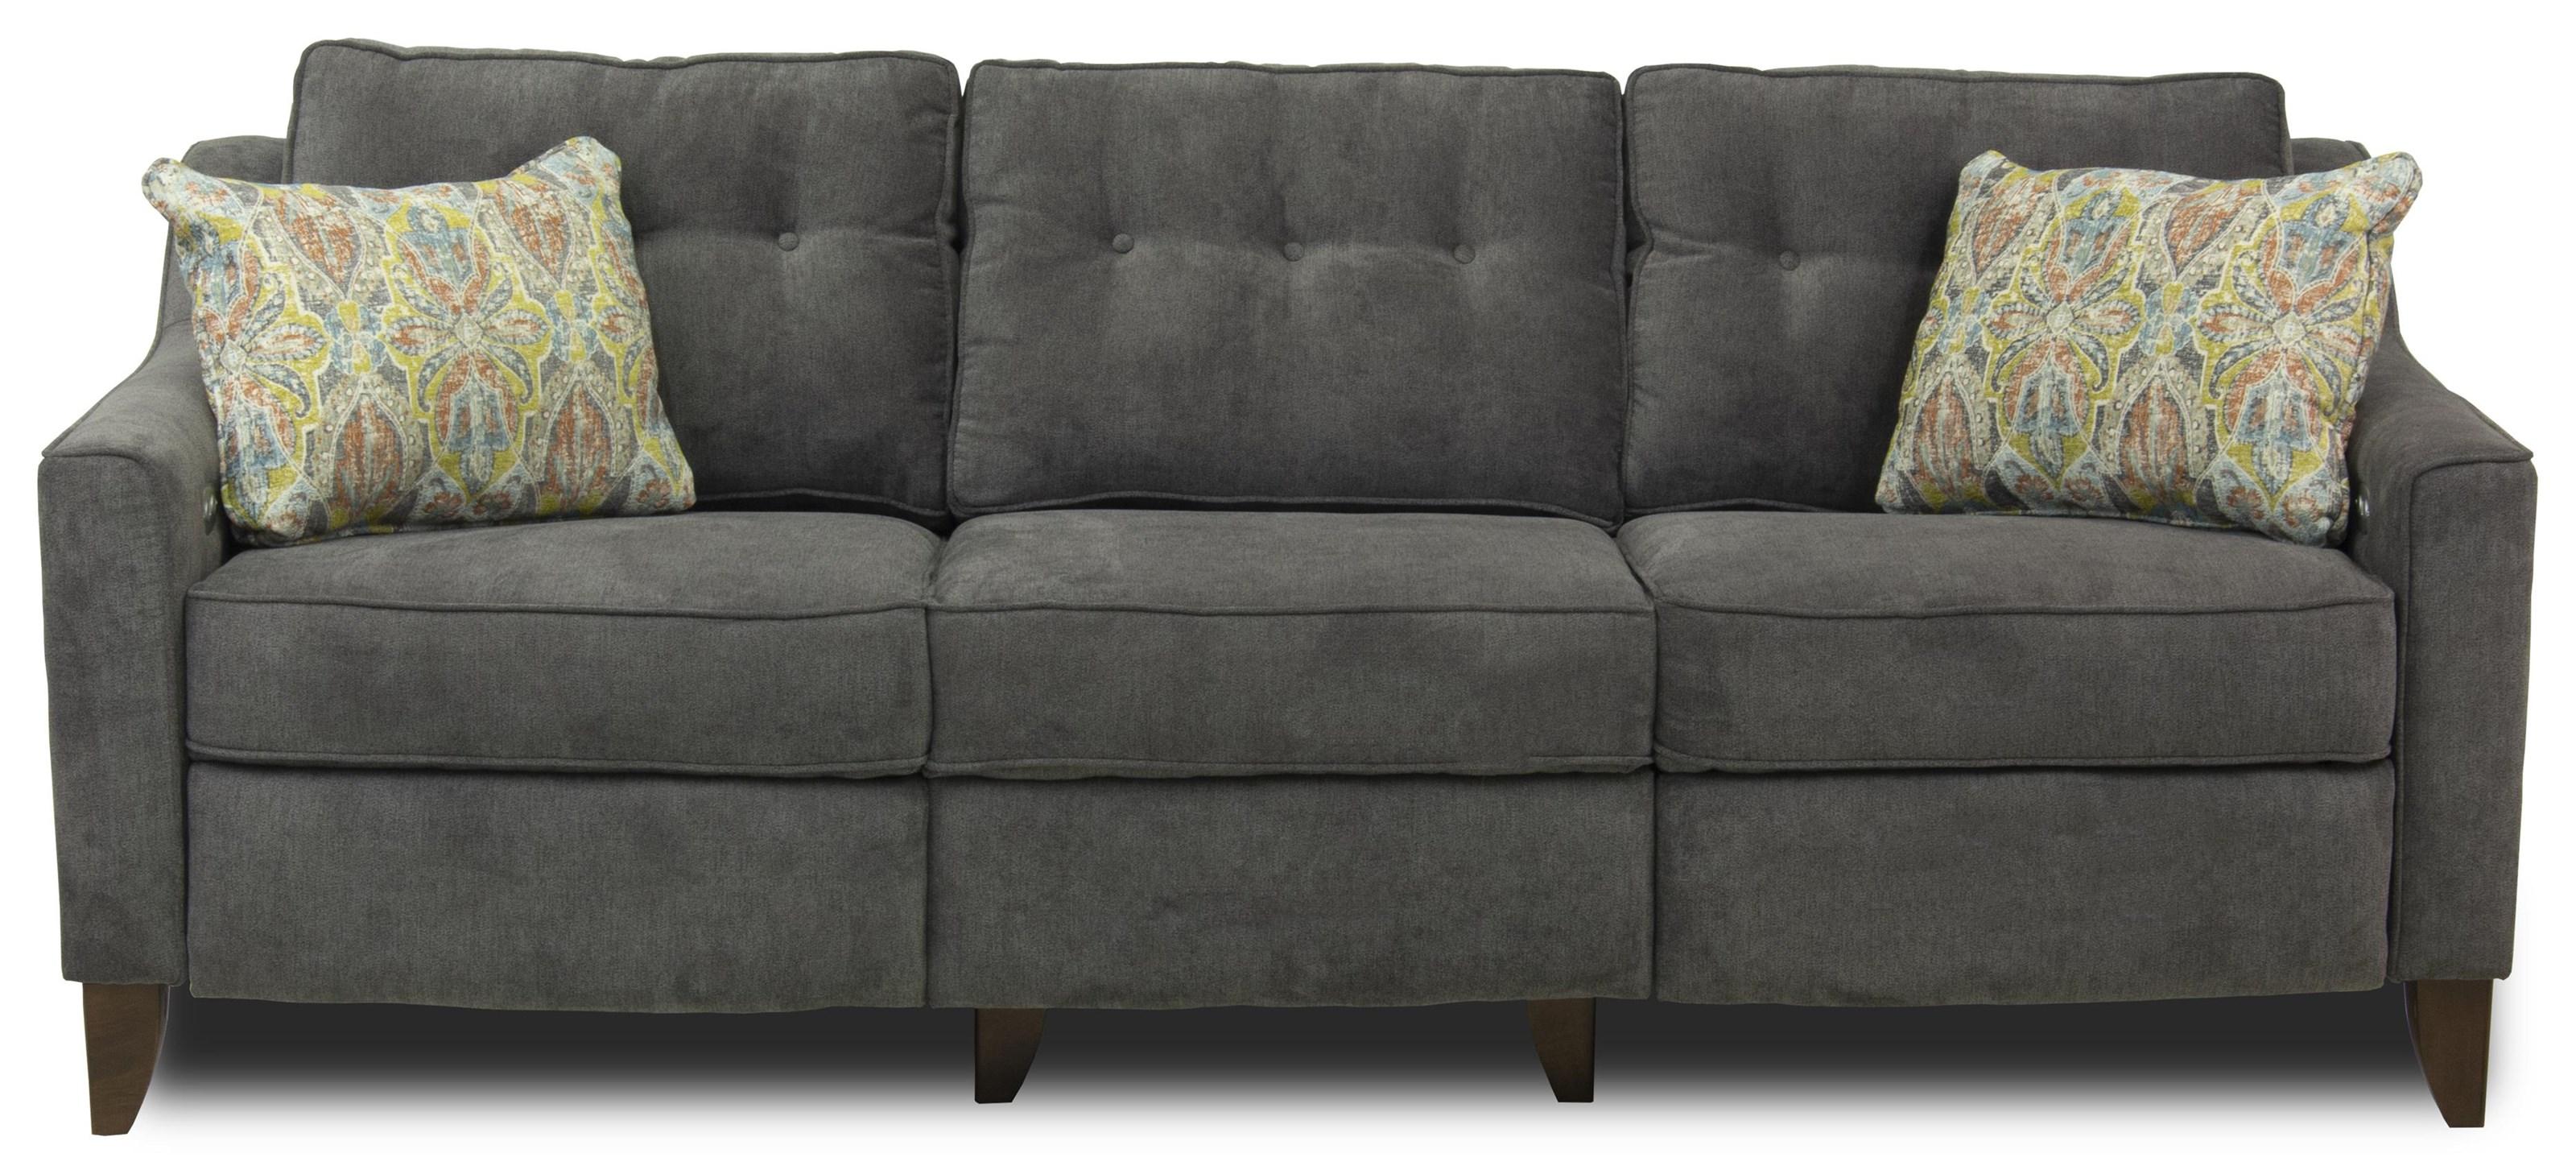 Metropia April Sofa - Item Number: 17316-PS